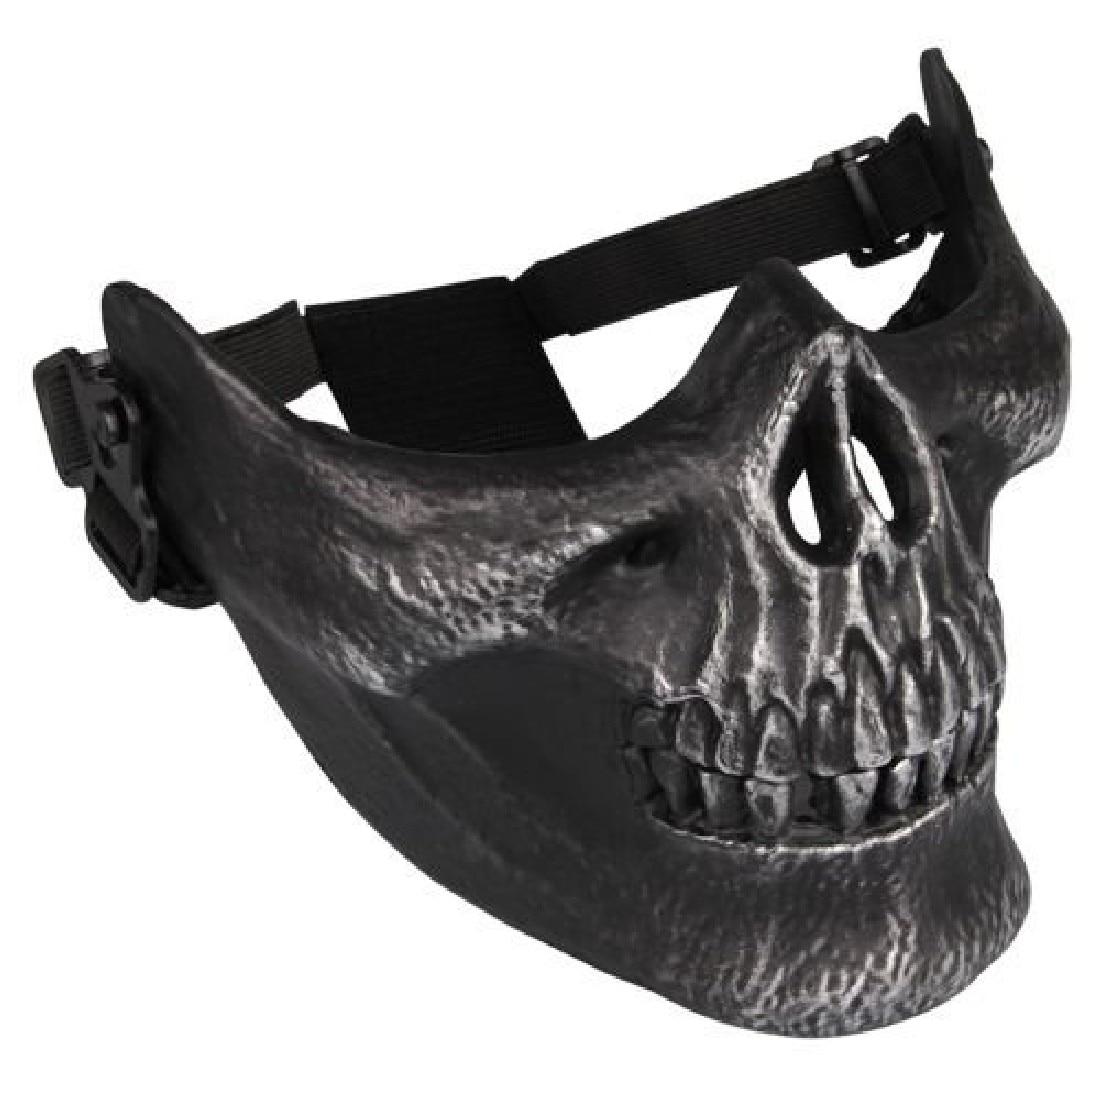 Prix pour Qualité Crâne Squelette Airsoft Paintball Moitié Du Visage Protéger Masque Casques Équipement de Paintball Masques Pour Paintball Jeux Noir NOUVEAU